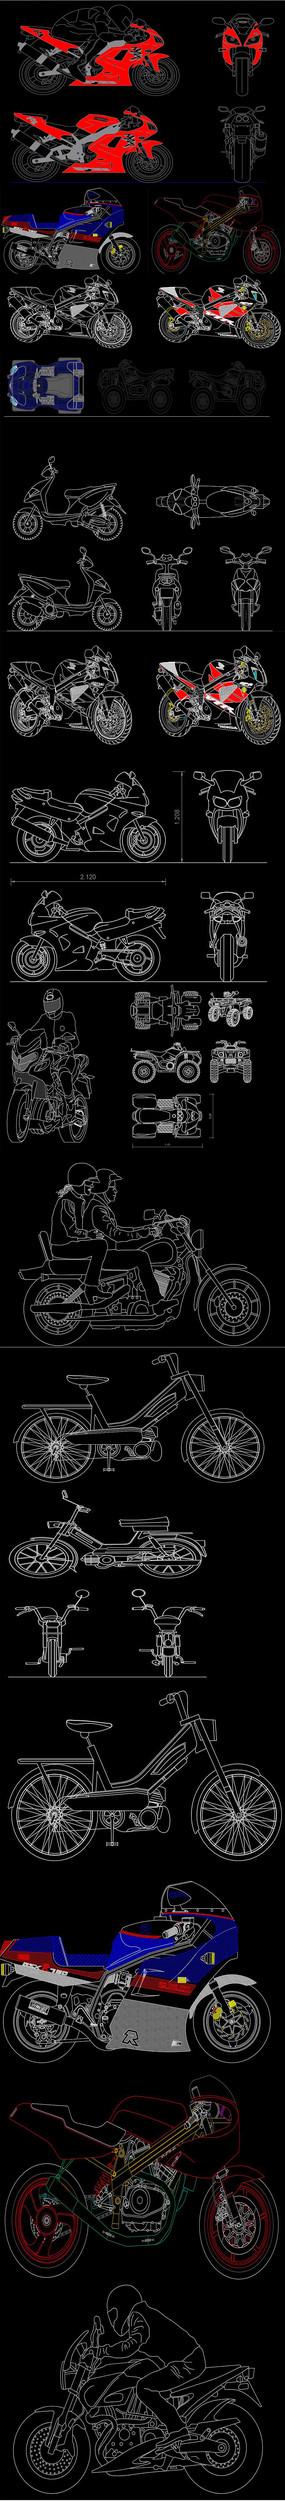 炫彩摩托車CAD圖庫